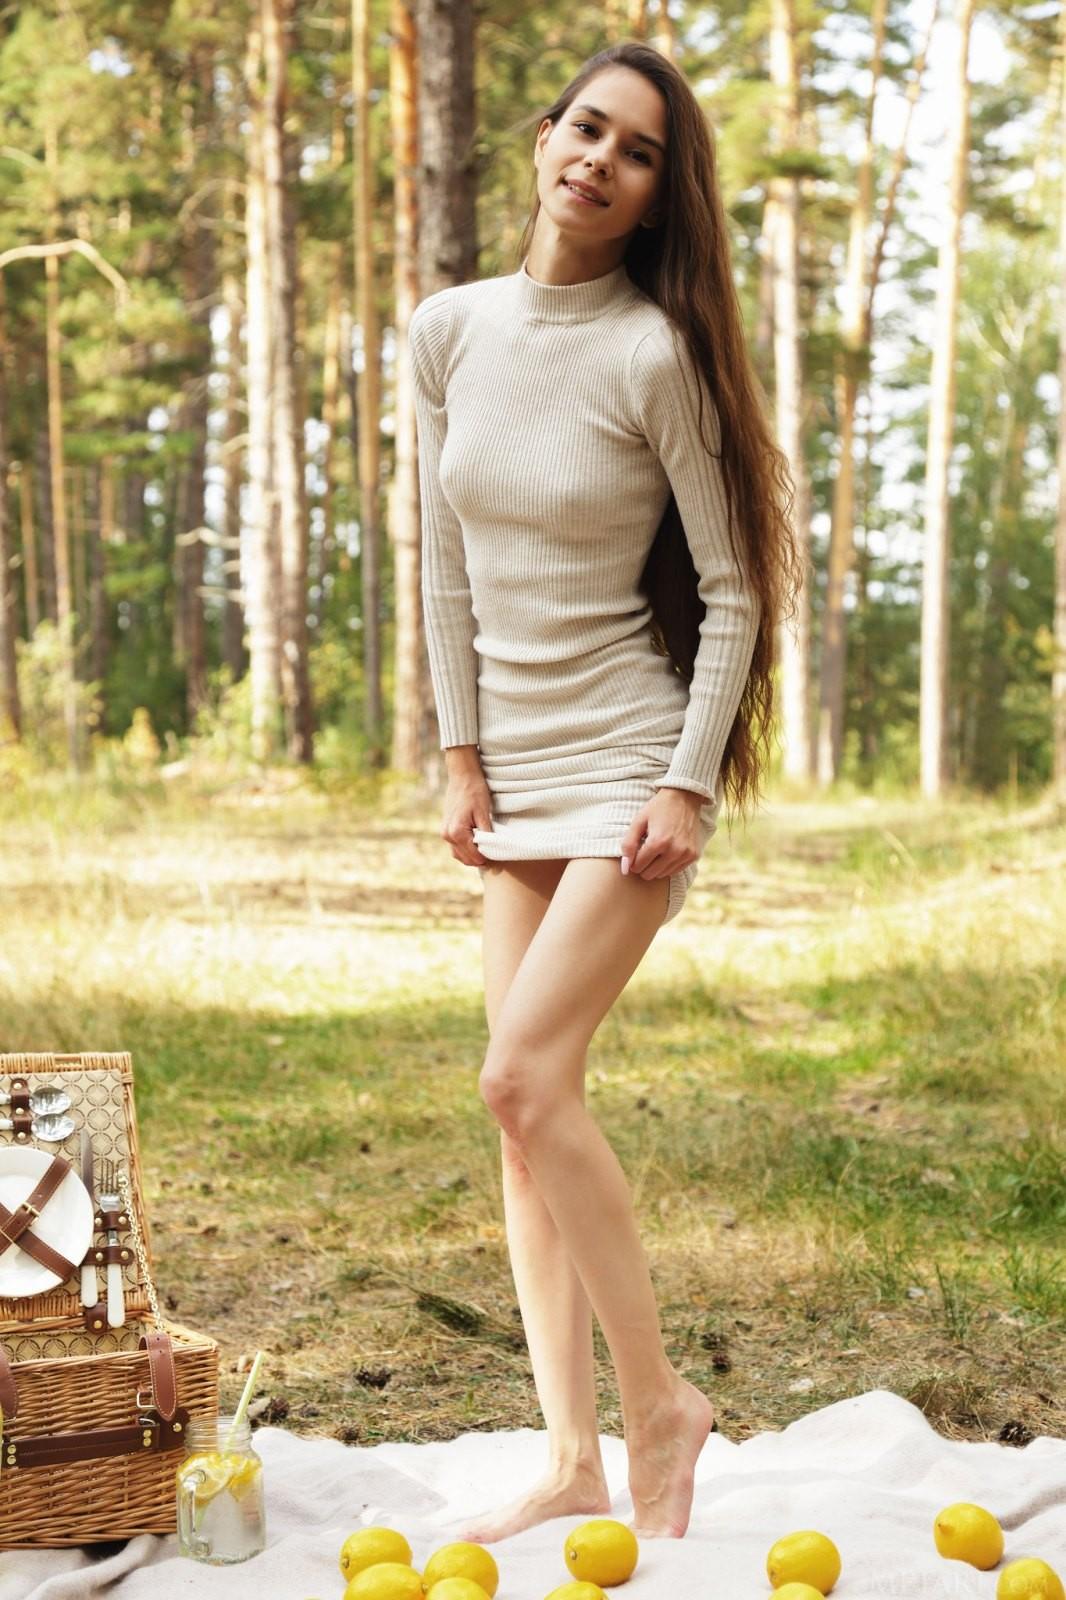 Худышка задрала платье и спустила трусы - фото